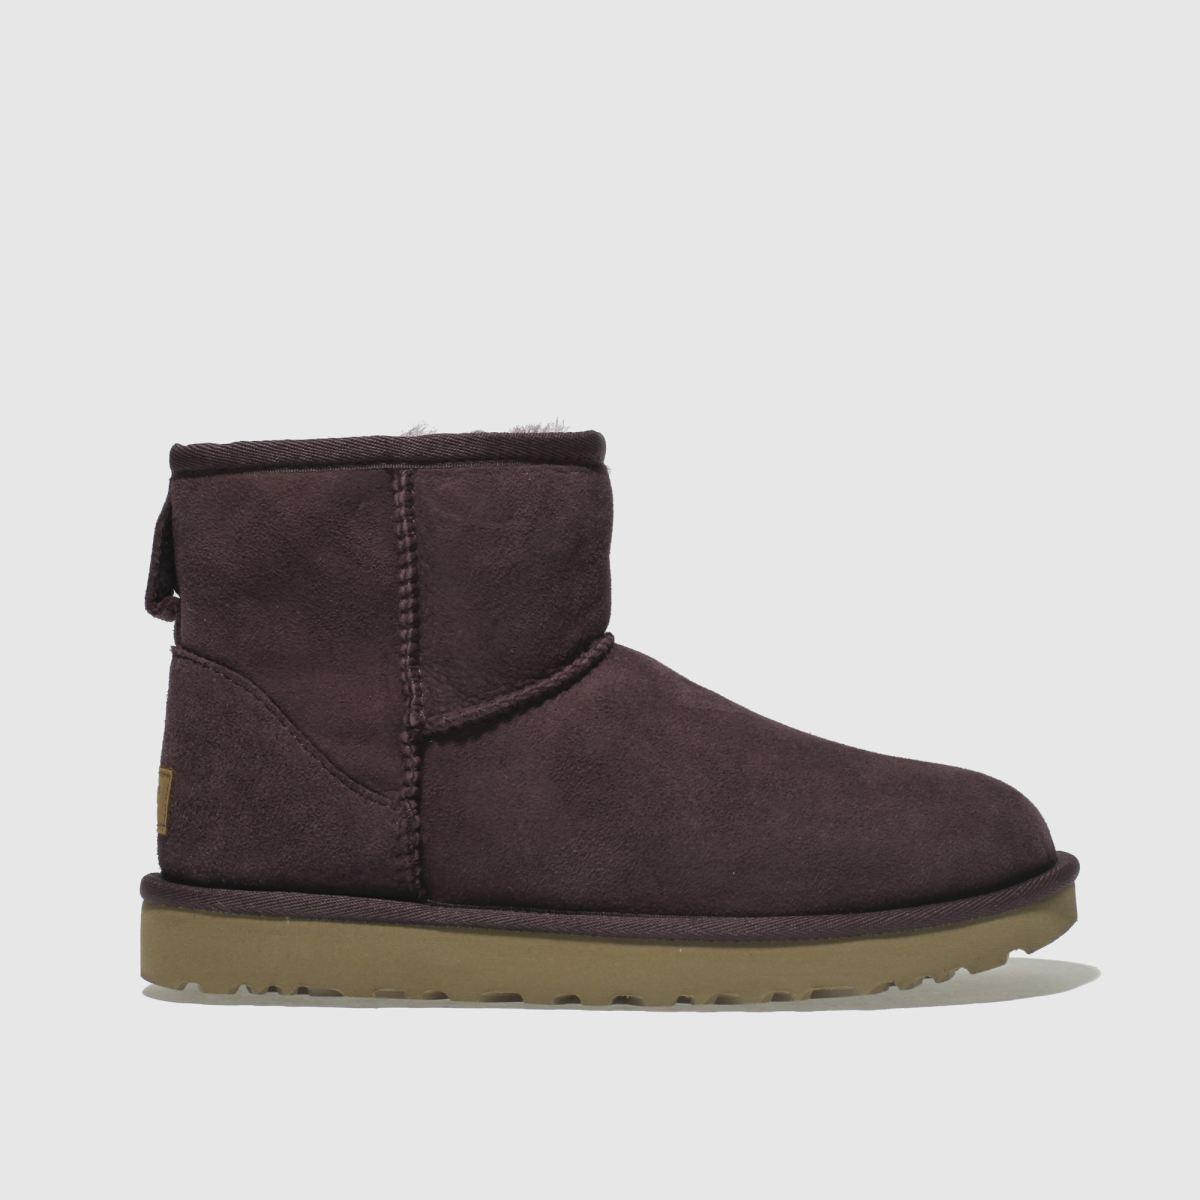 Ugg Purple Classic Mini Ii Boots